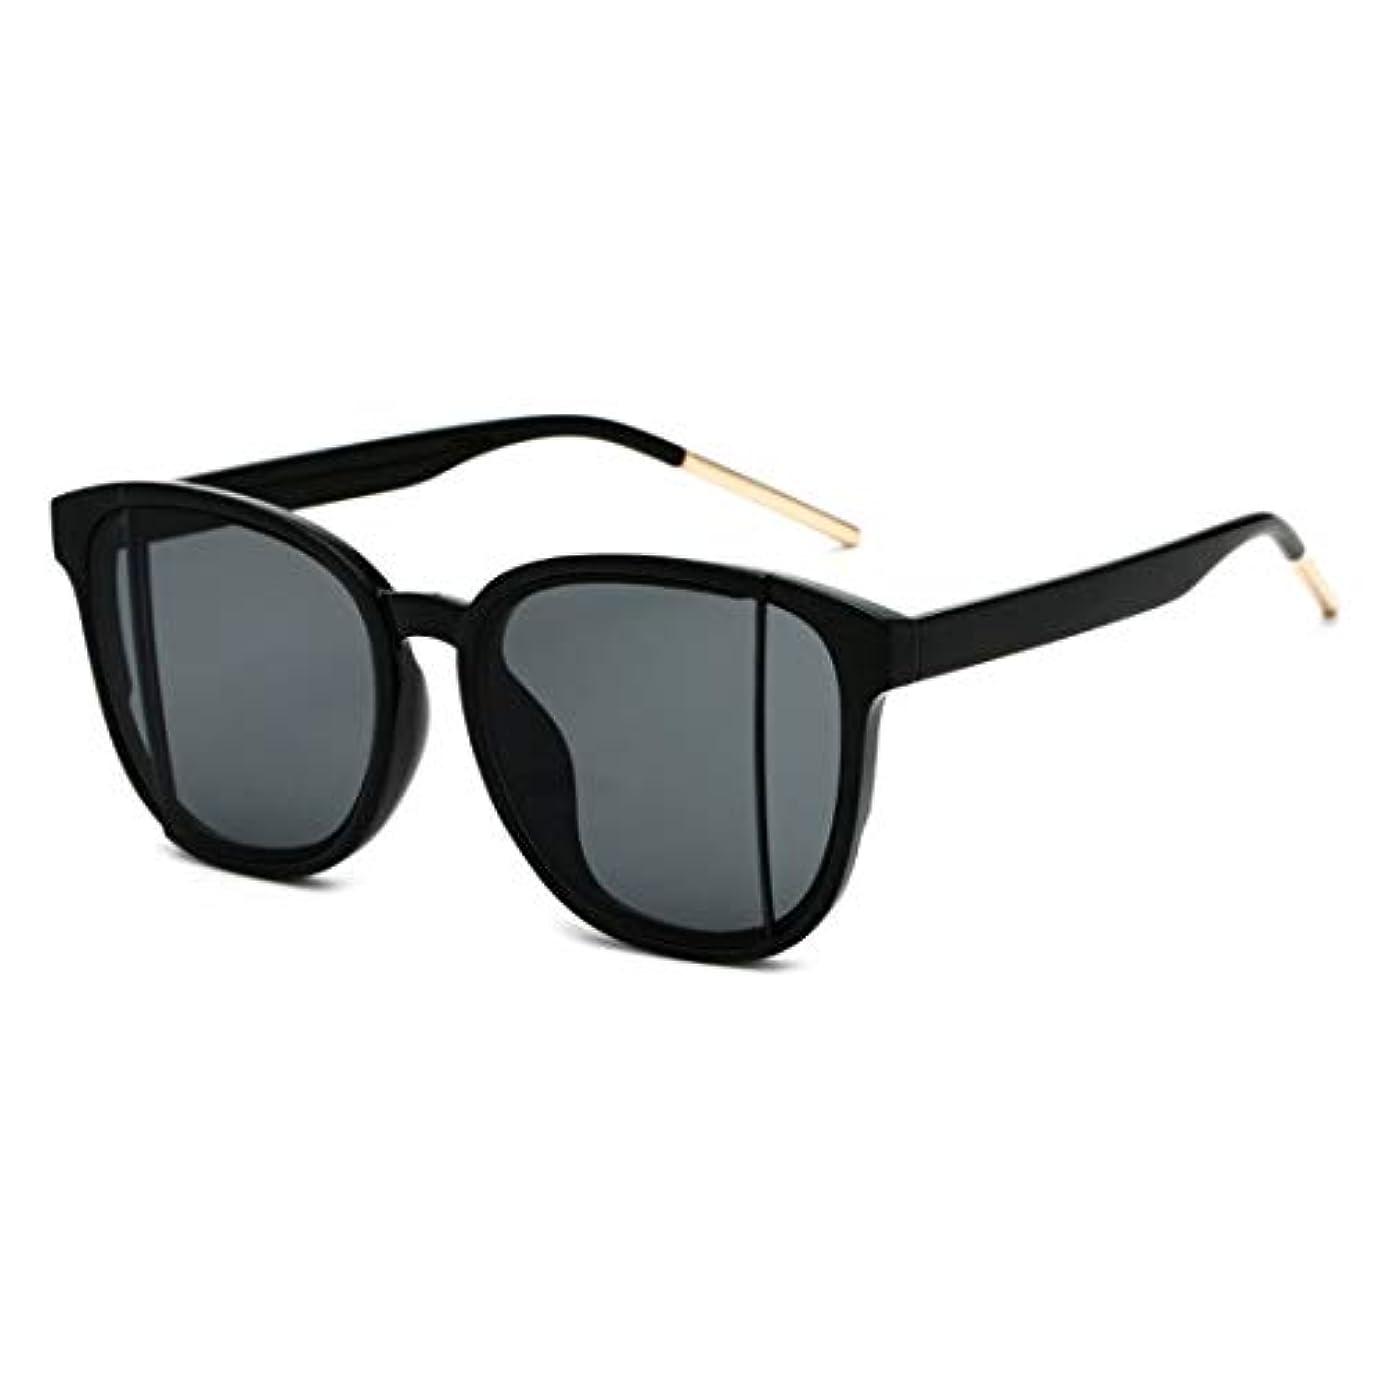 打ち上げるより平らなありそうサングラス 偏光サングラスレディレトロラウンドフレームサングラス運転の休日旅行UV400保護。, ファッションサングラス